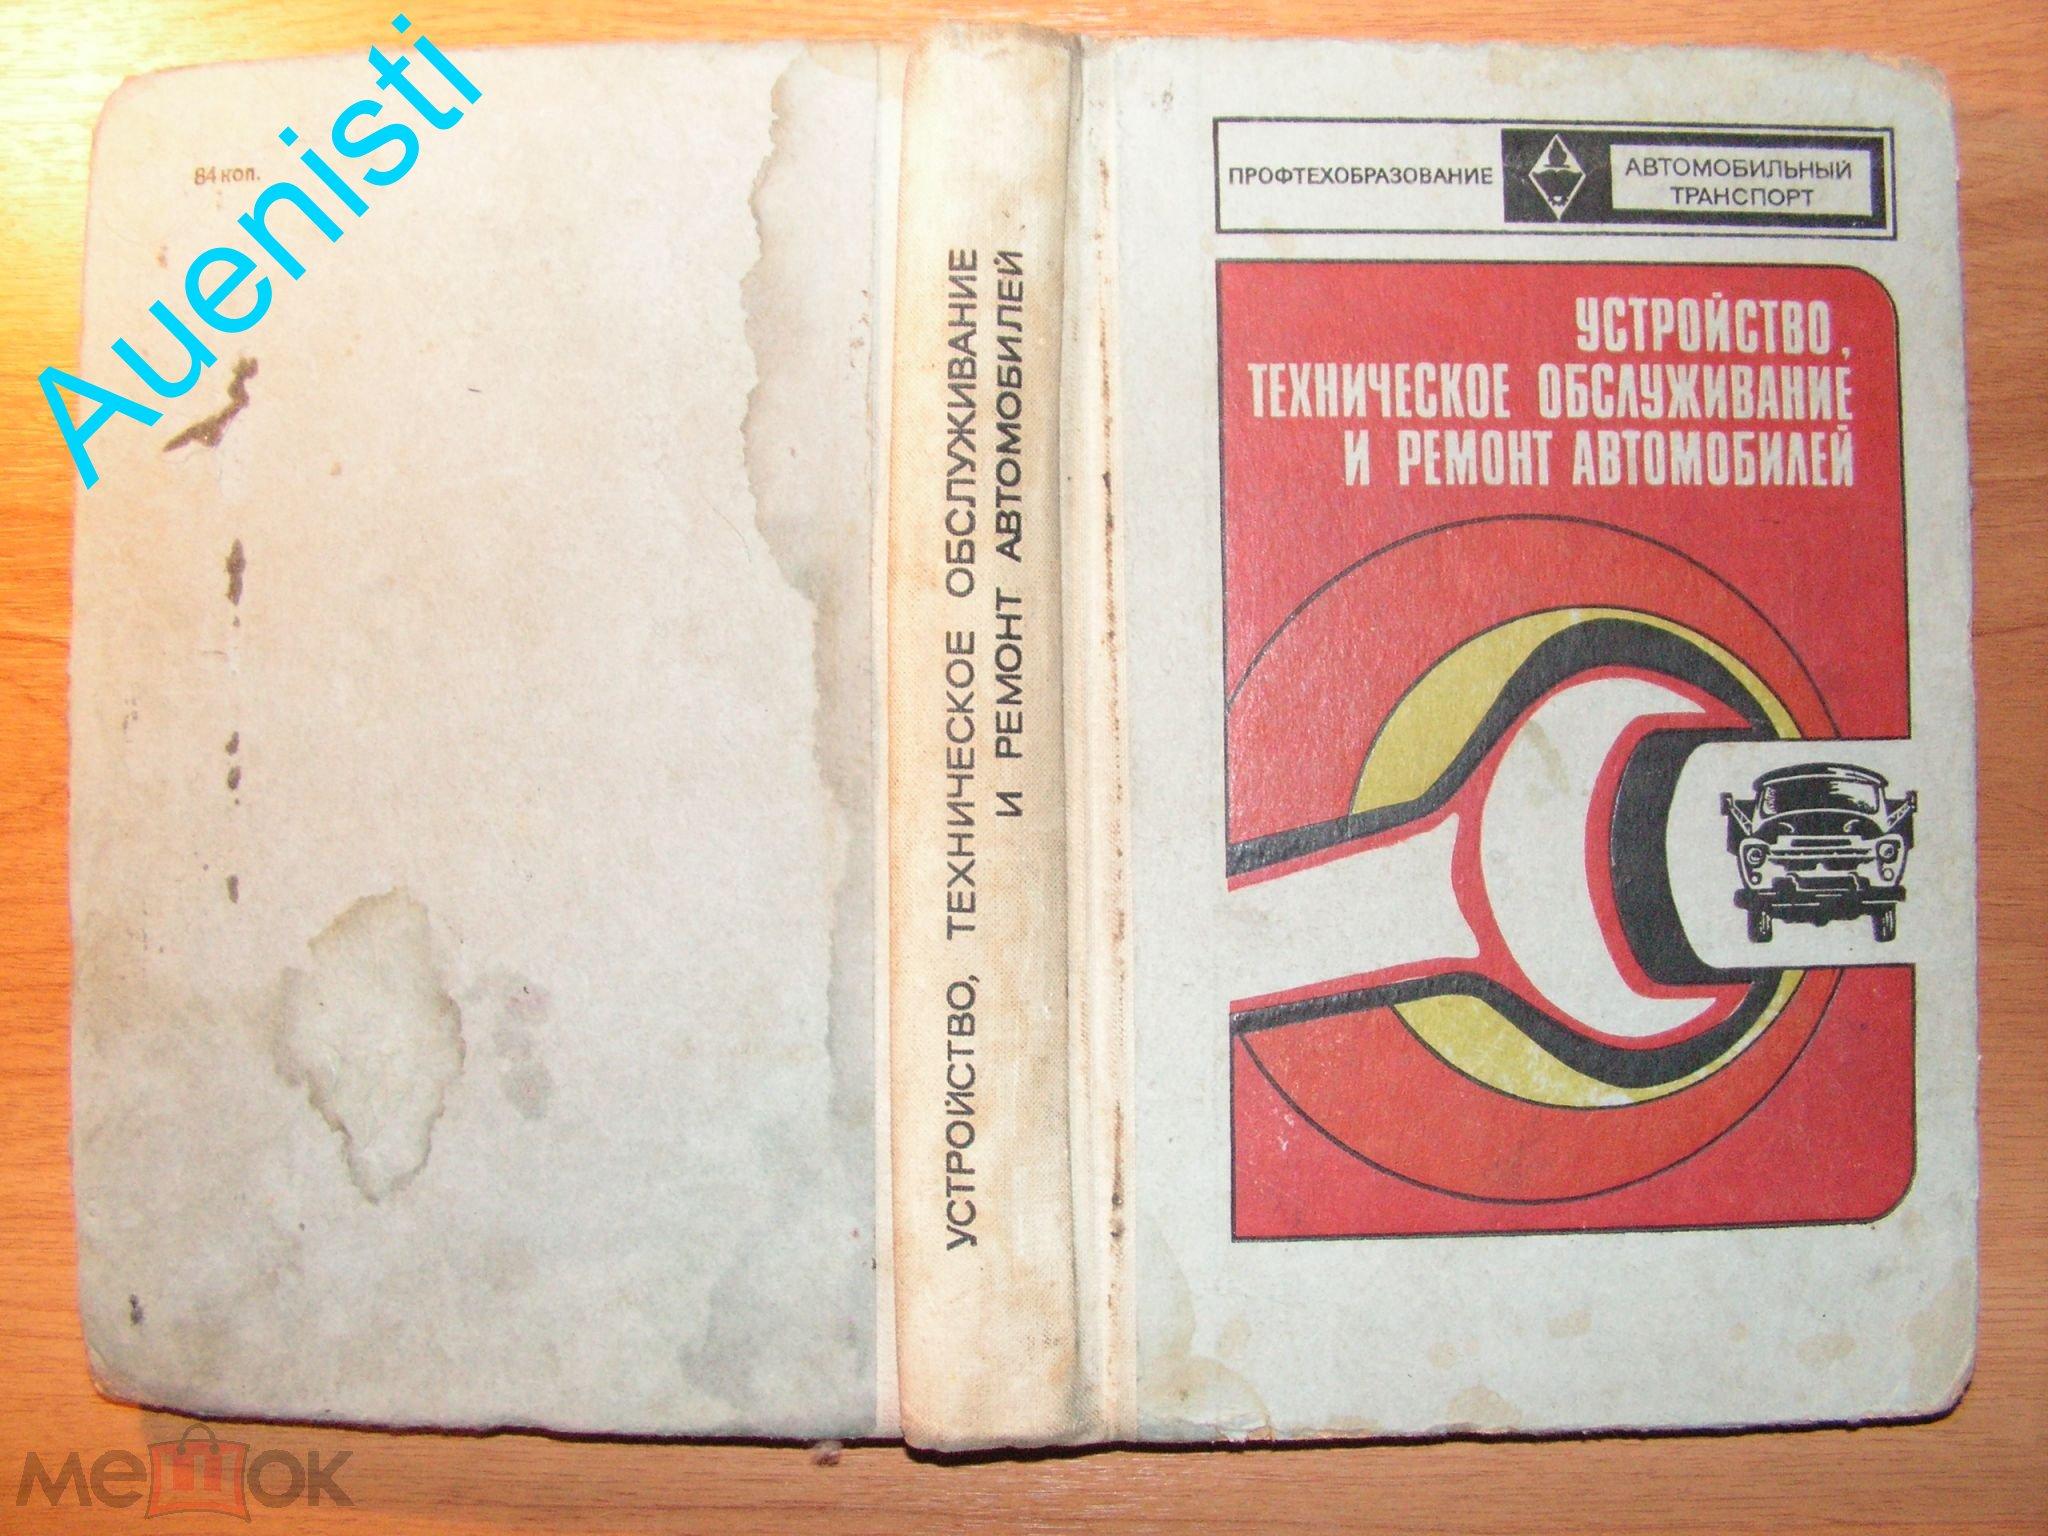 Книга Устройство Техническое Обслуживание Ремонт Автомобилей 1975 Москва Образование Транспорт СССР